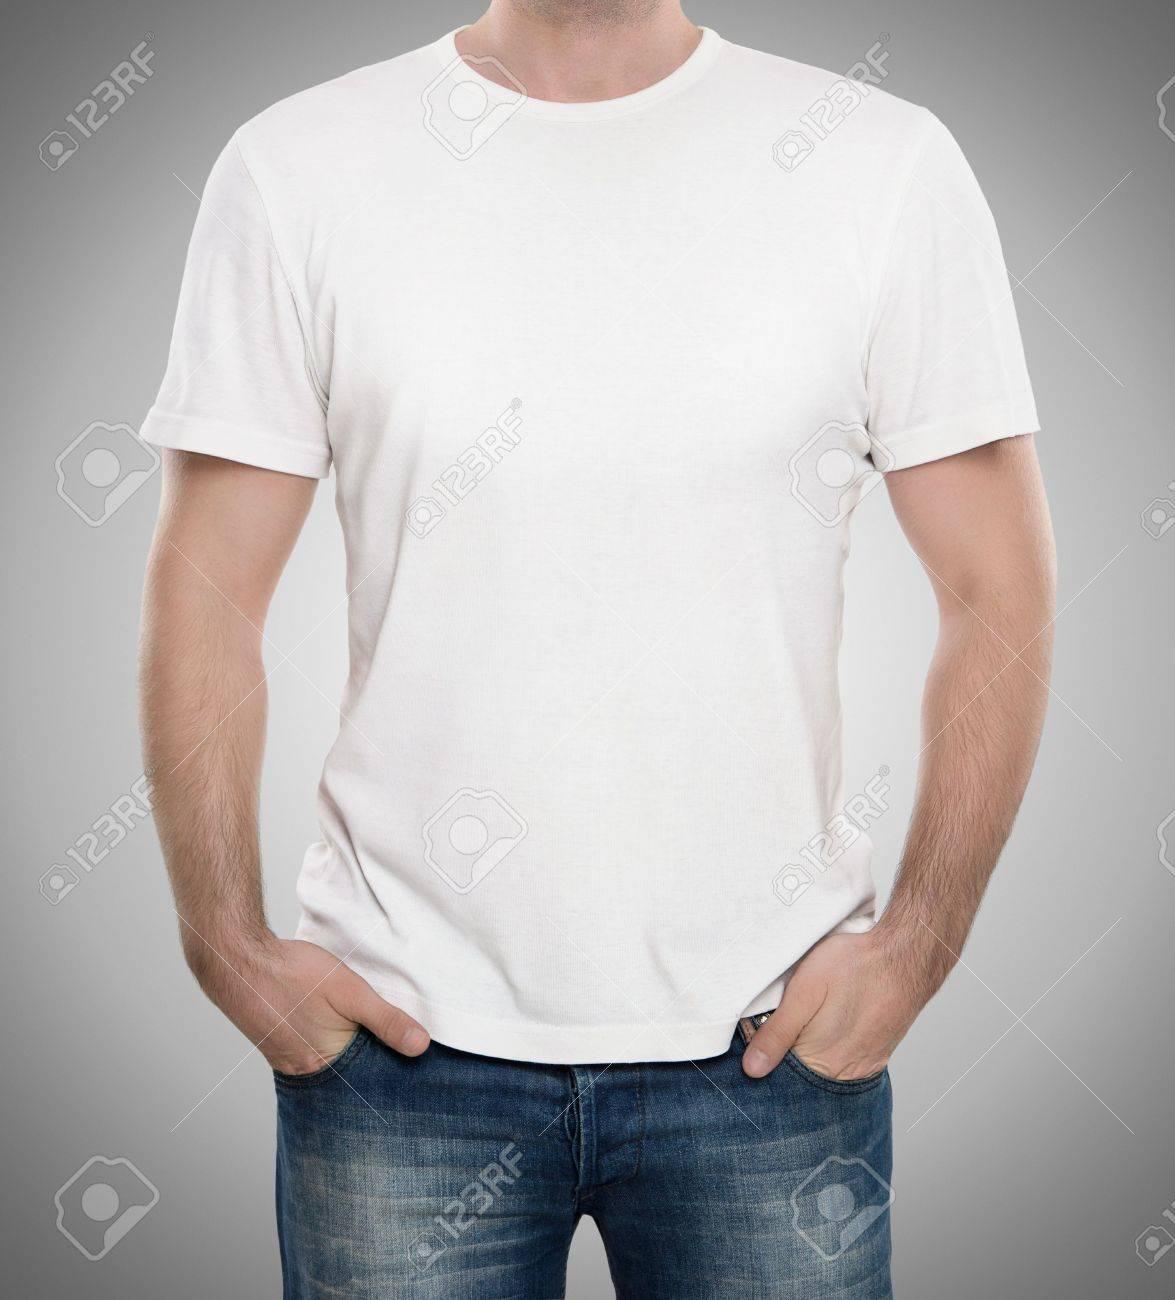 Ungewöhnlich Leere T Shirt Malvorlagen Bilder - Malvorlagen Von ...